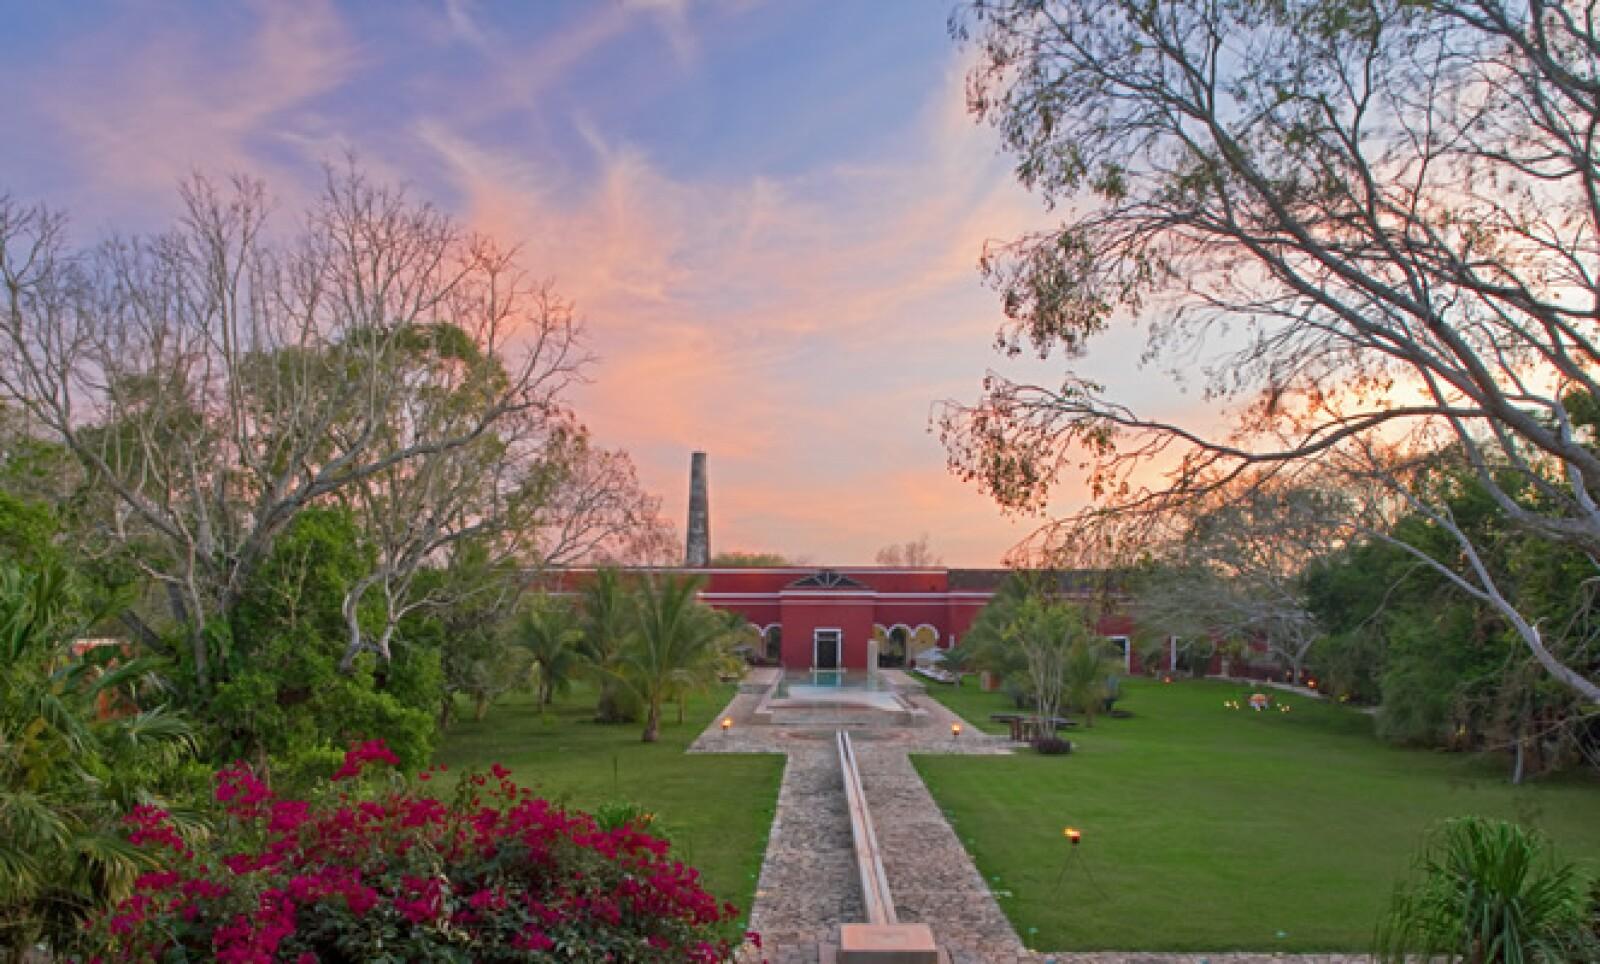 La hacienda Temozón se ubica en el kilómetro 182 de la carretera Mérida-Uxmal, a poco más de una hora y media del aeropuerto de Mérida.